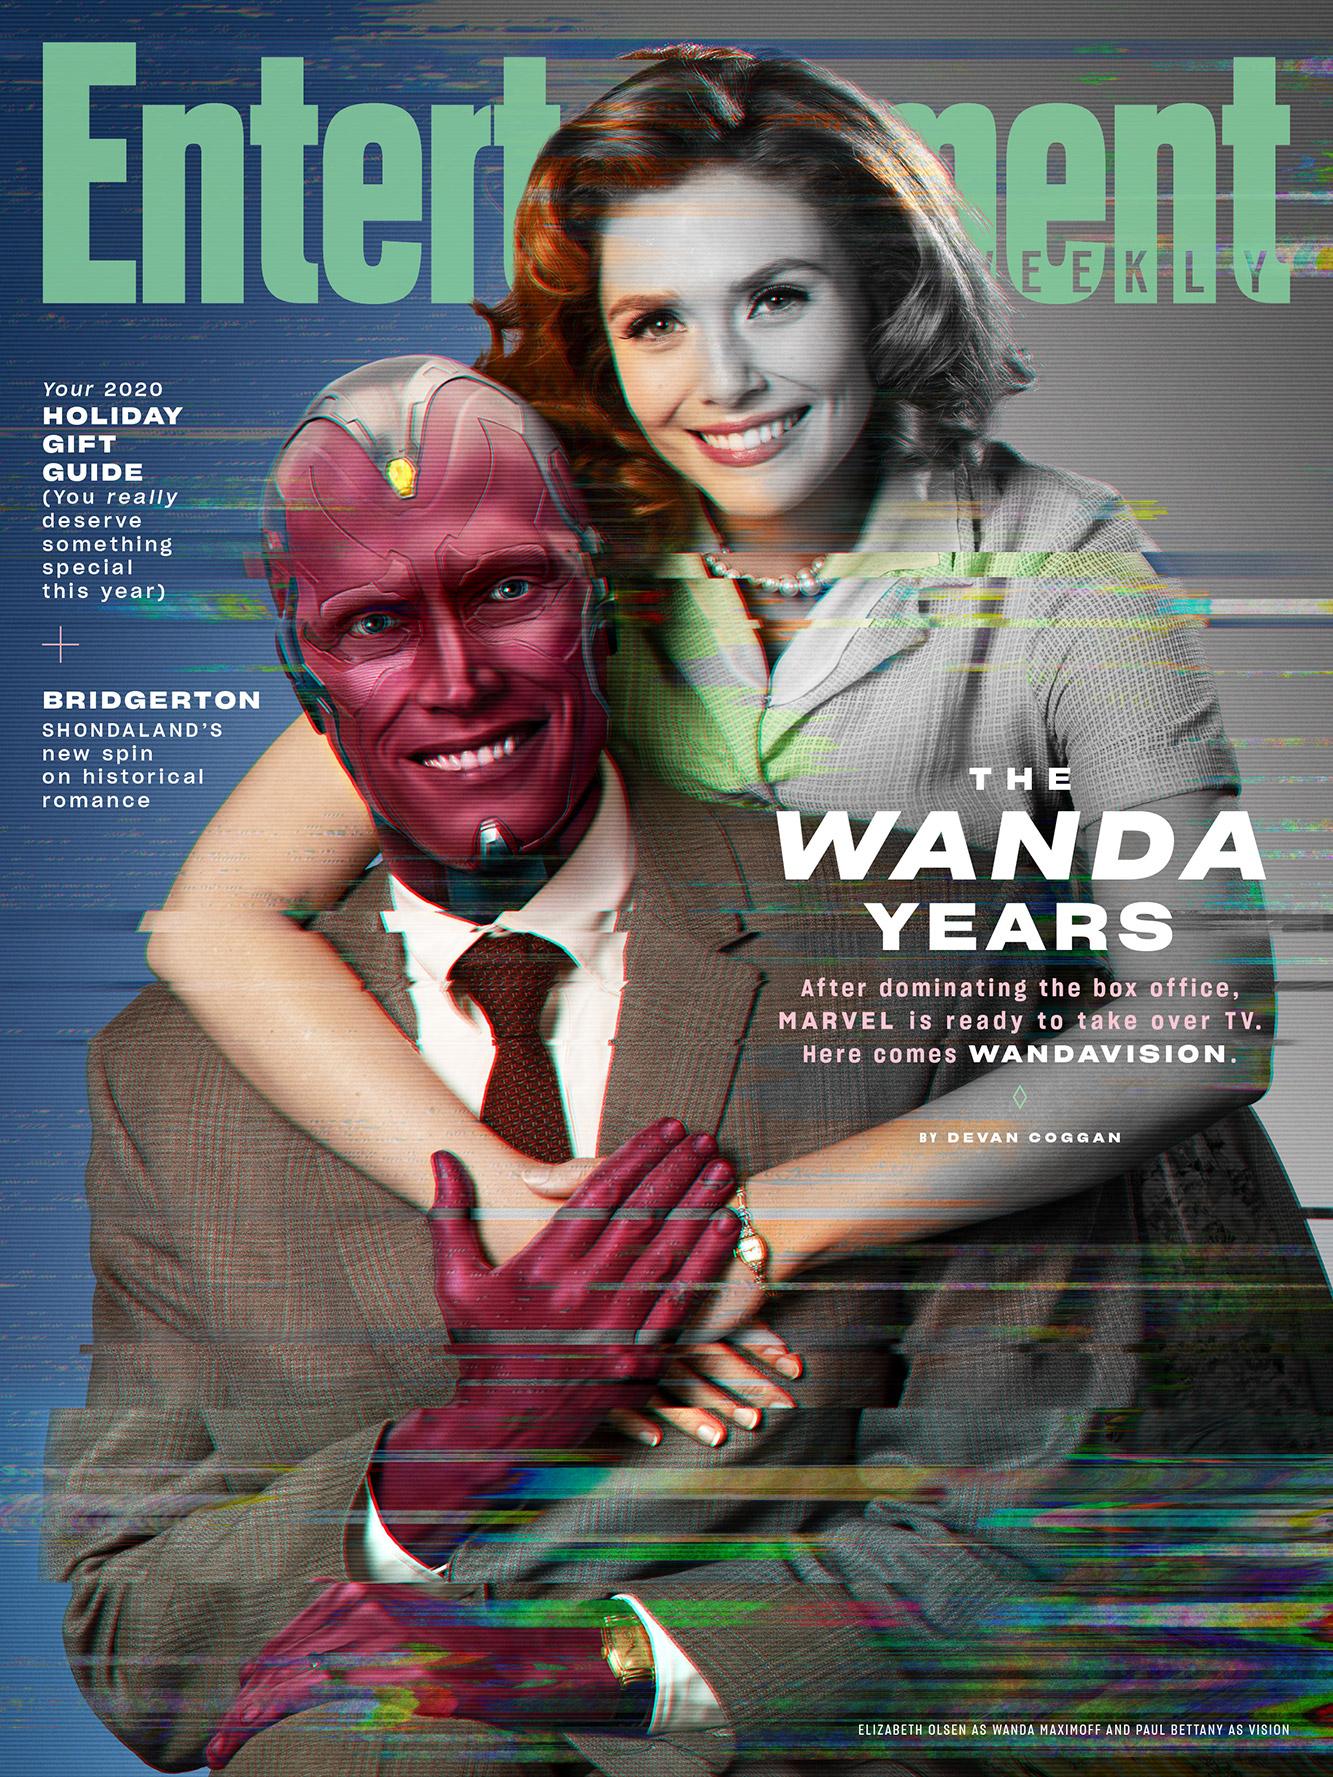 Wanda Vision